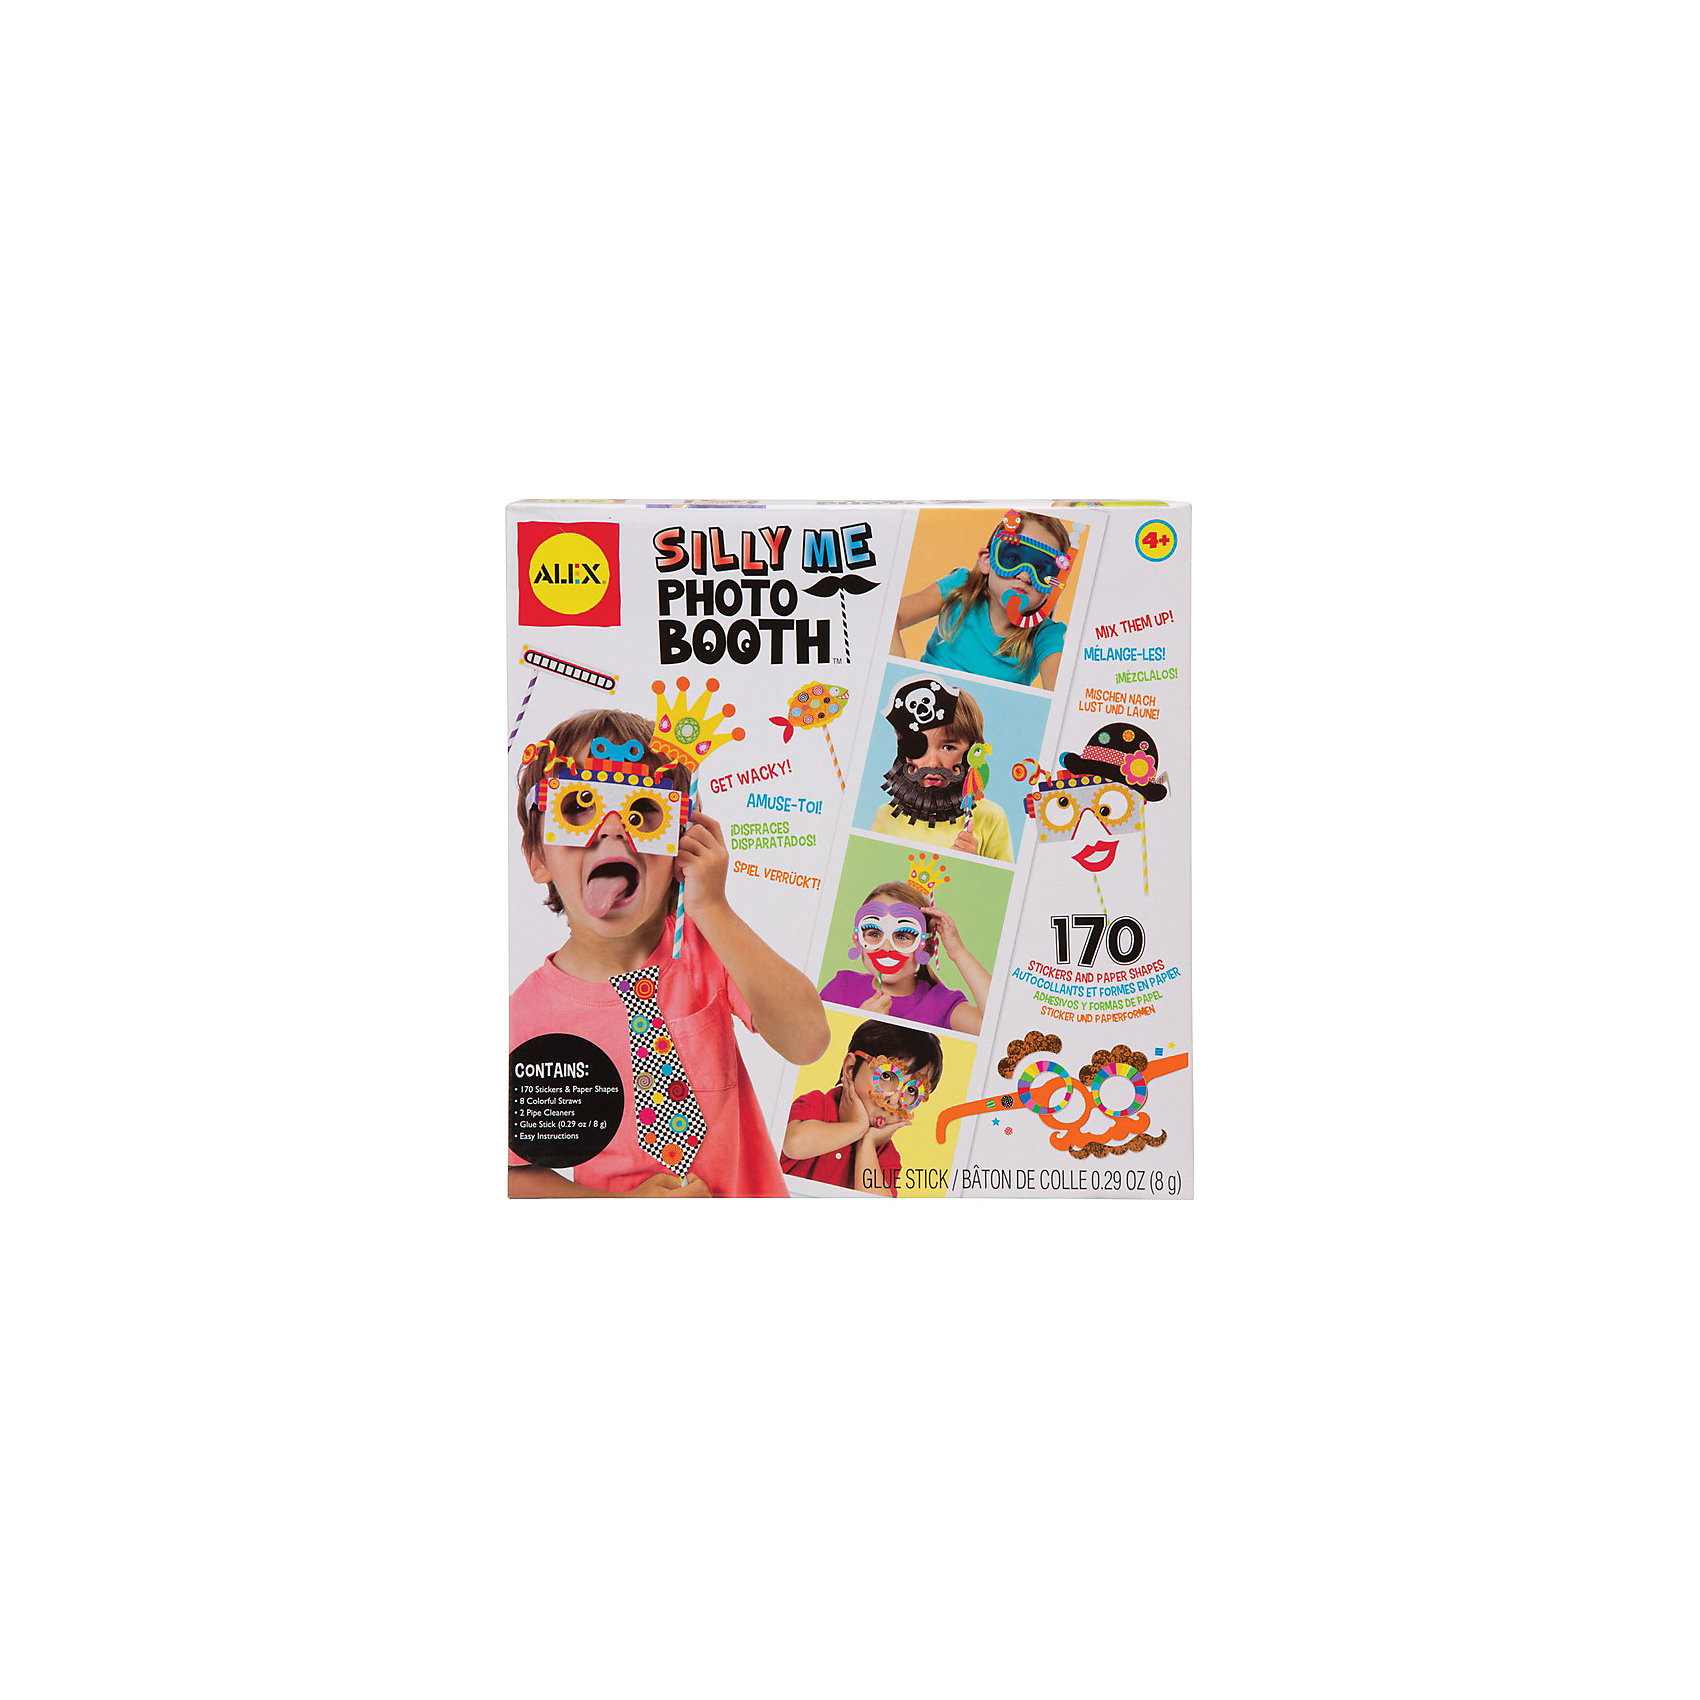 Набор для создания забавных масок Рассмеши меня, ALEXПопулярное  развлечение на детских праздниках - необычные фотосессии.  Создай 13 разных веселых маски  -  пирата, подводного пловца,  робота, усача и других  необычных персонажей и заставь всех друзей и взрослых рассмеяться.<br><br>Дополнительная информация:<br><br>В наборе - 104 стикера разных форм, 62  картонных шаблона, 8 цветных палочек, 8 пушистых проволочек, клей карандаш и простая инструкция в картинках.<br>Размер упаковки: 25 х 25 х 5 см<br><br>Набор для создания забавных масок Рассмеши меня, ALEX (Алекс) можно купить в нашем магазине.<br><br>Ширина мм: 250<br>Глубина мм: 250<br>Высота мм: 50<br>Вес г: 454<br>Возраст от месяцев: 48<br>Возраст до месяцев: 108<br>Пол: Мужской<br>Возраст: Детский<br>SKU: 3881485